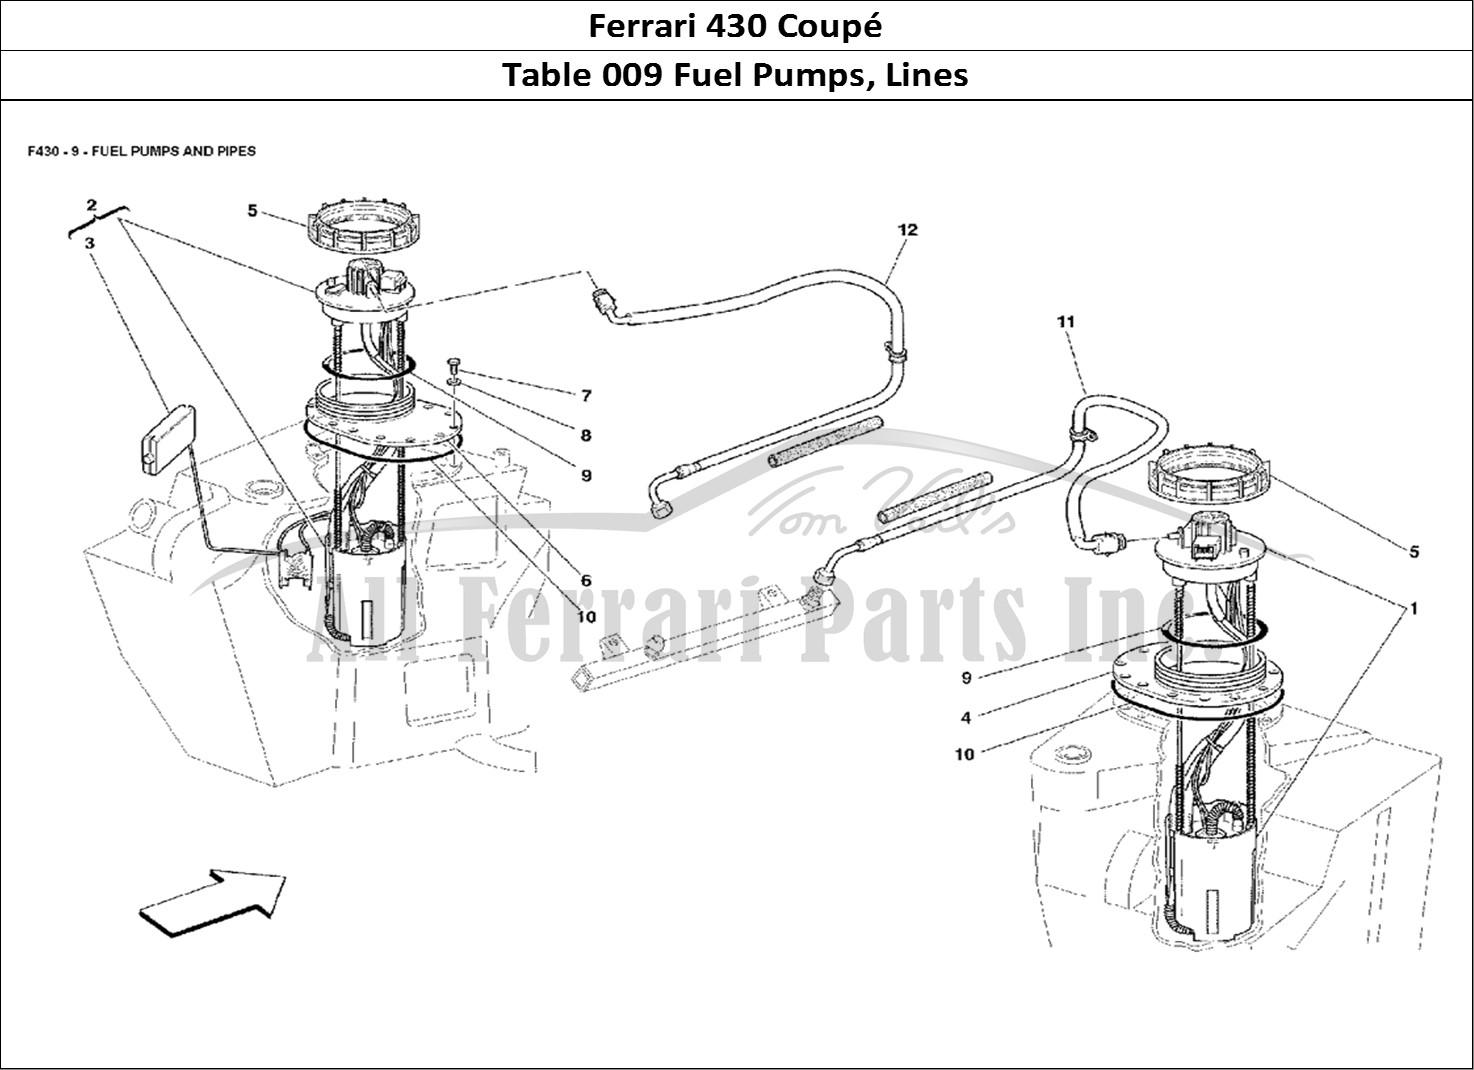 Buy Original Ferrari 430 Coupe 009 Fuel Pumps Lines